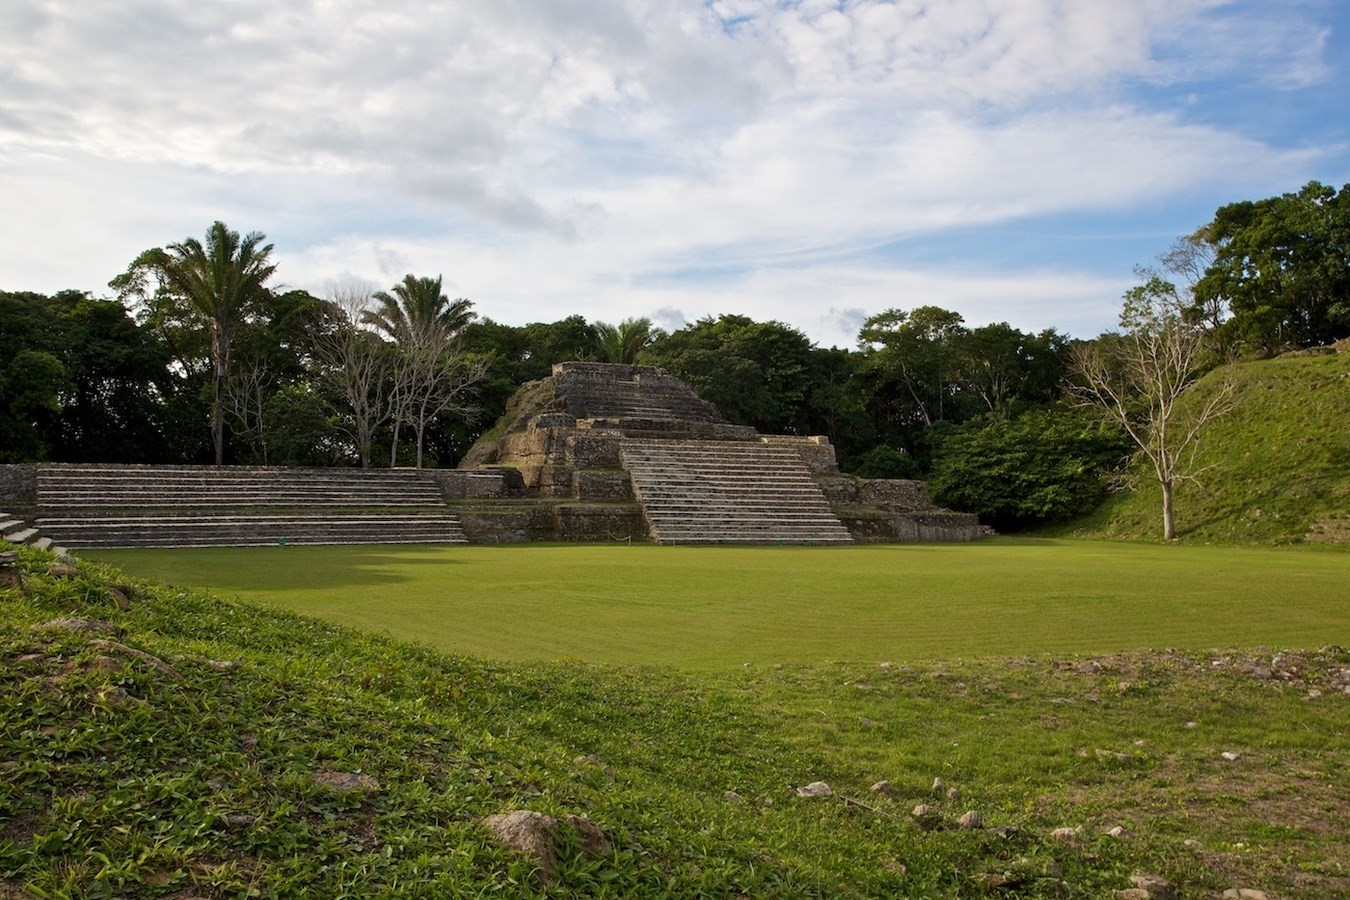 Mayan City of Altun Ha - Sheet3